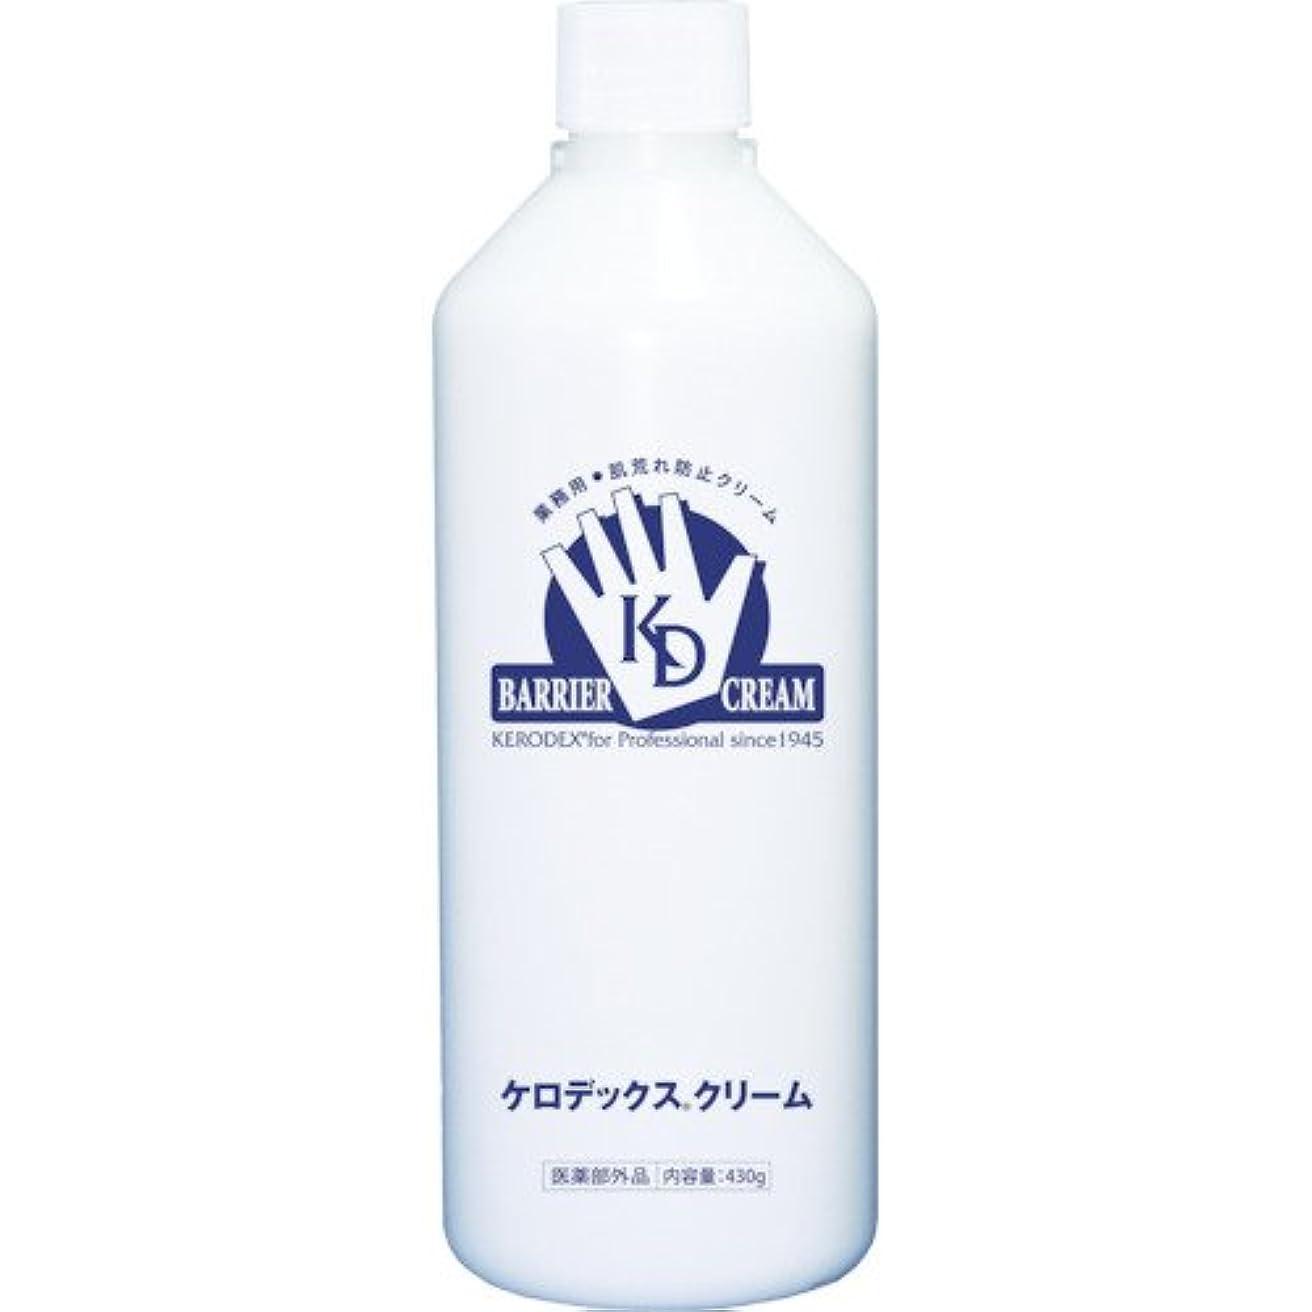 処理おいしい無法者ケロデックスクリーム ボトルタイプ 詰替用 430g